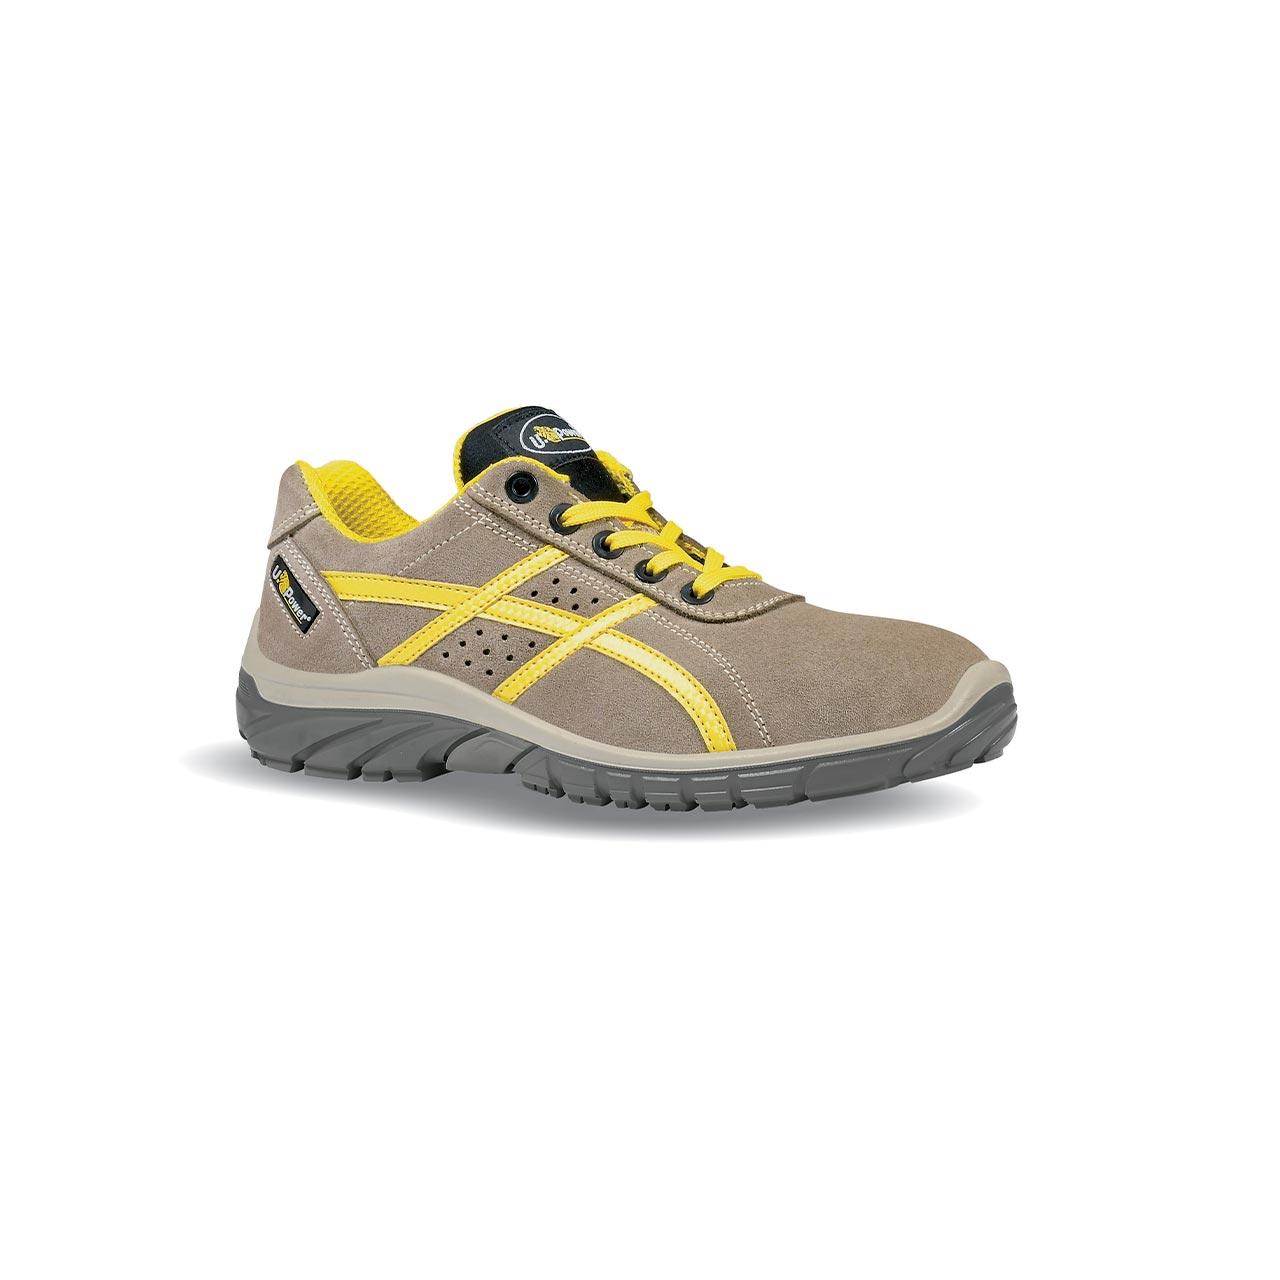 scarpa antinfortunistica upower modello air linea professional vista laterale